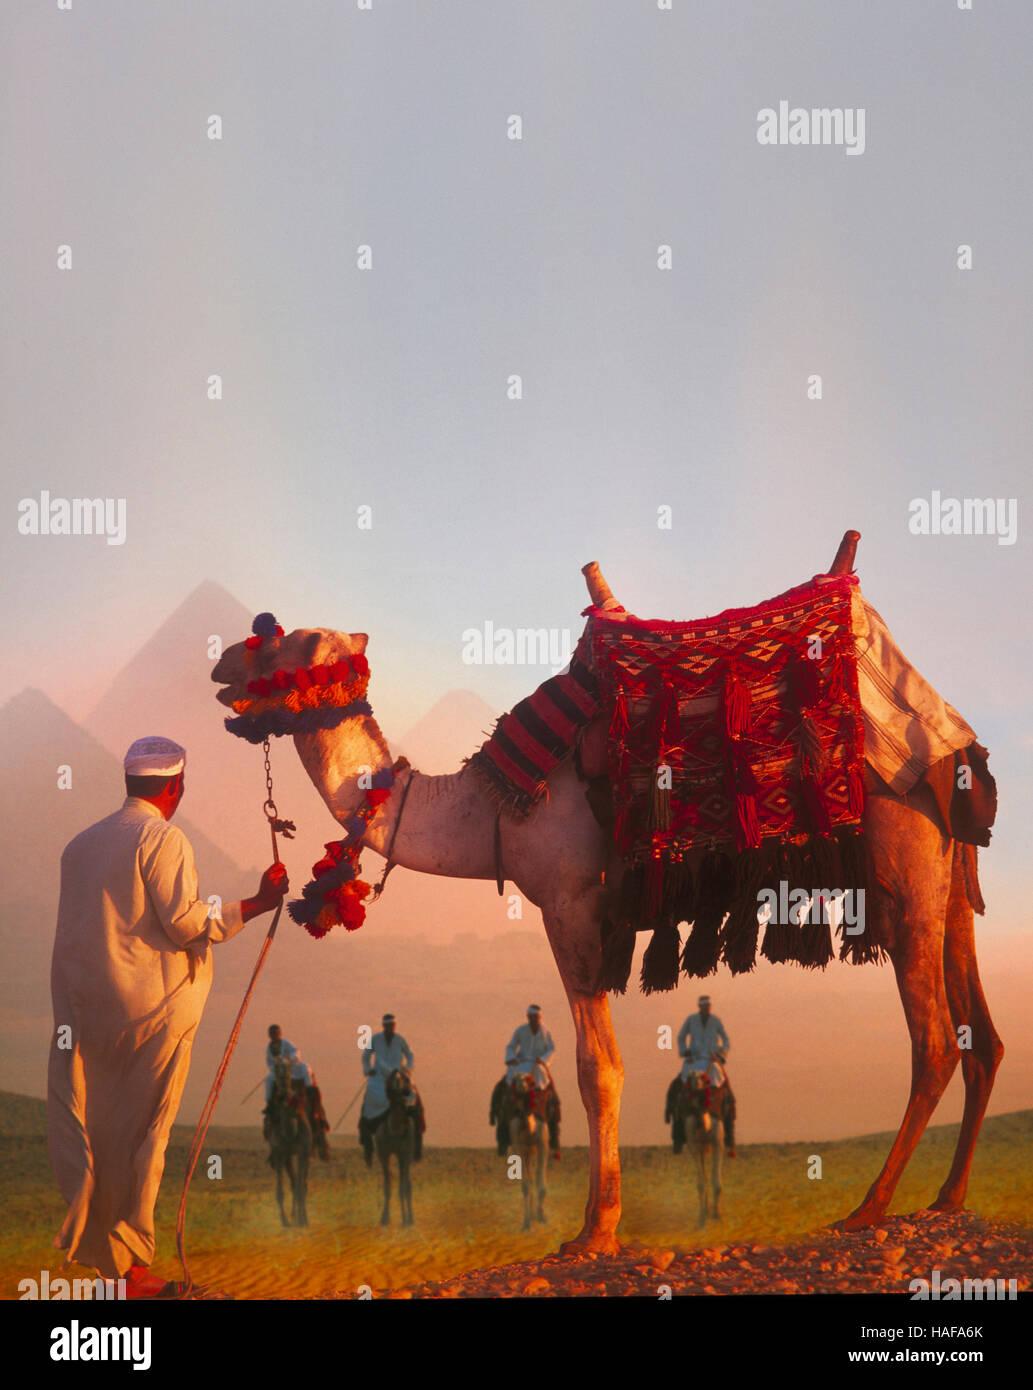 Los camellos y las pirámides de Giza, al amanecer, El Cairo, Egipto Imagen De Stock